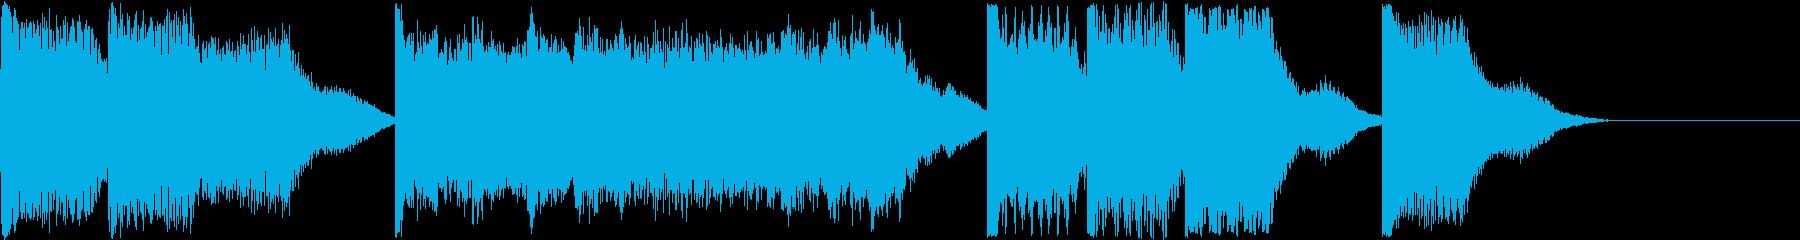 AI メカ/ロボ/マシン動作音 5の再生済みの波形